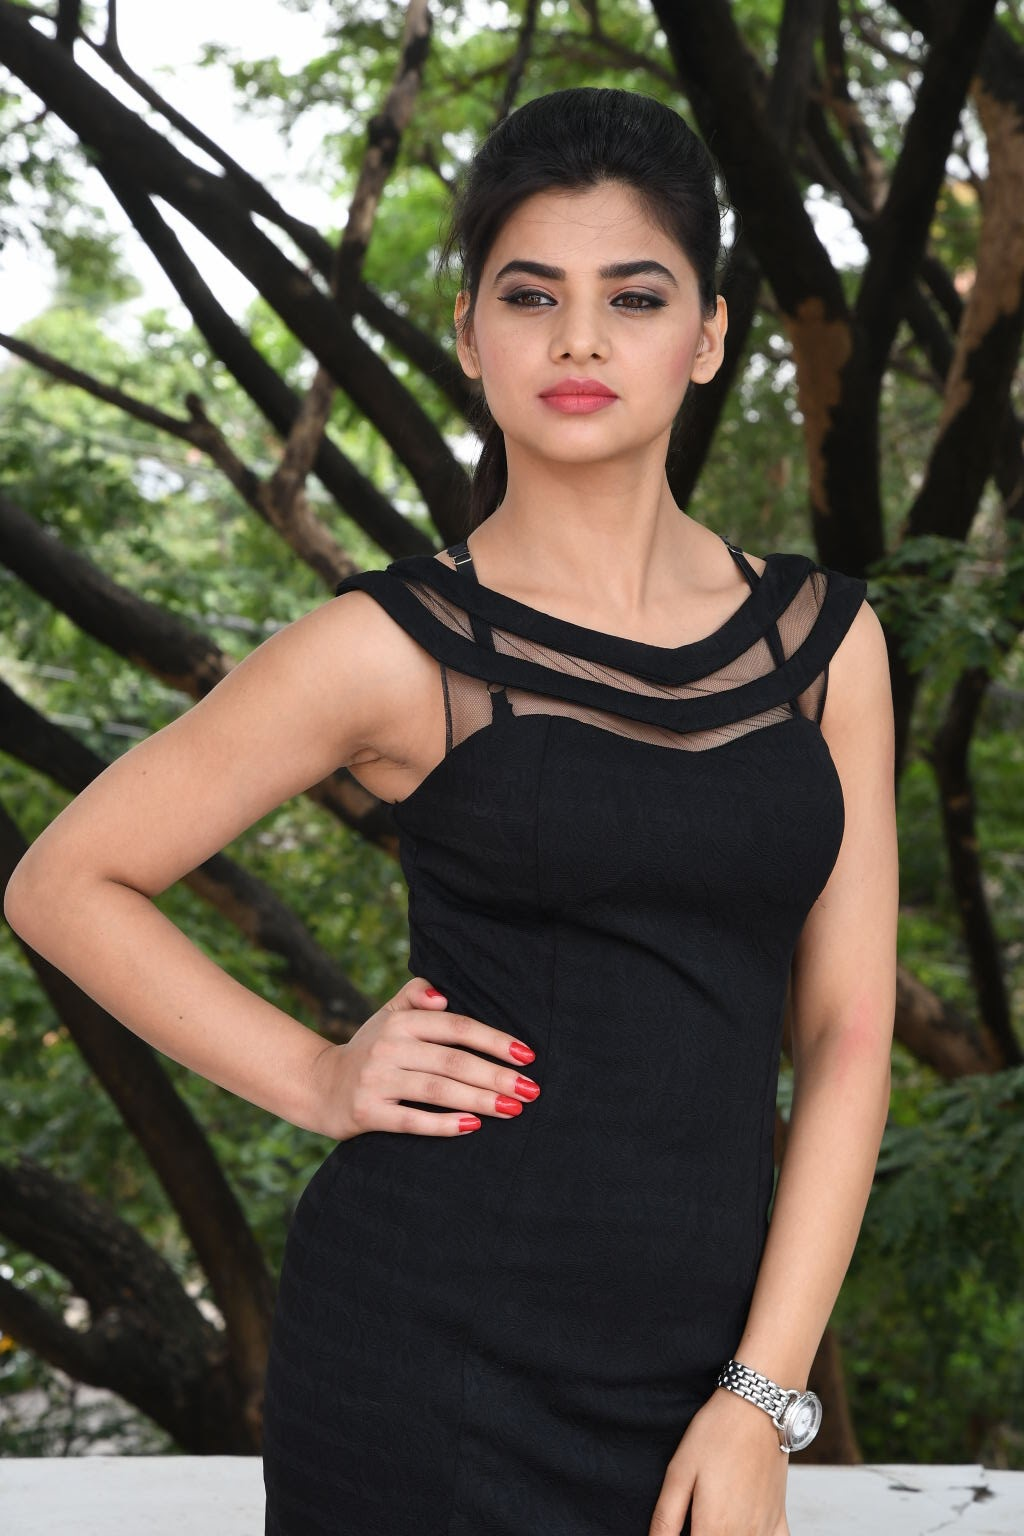 kamna ranawat new glam pics-HQ-Photo-34